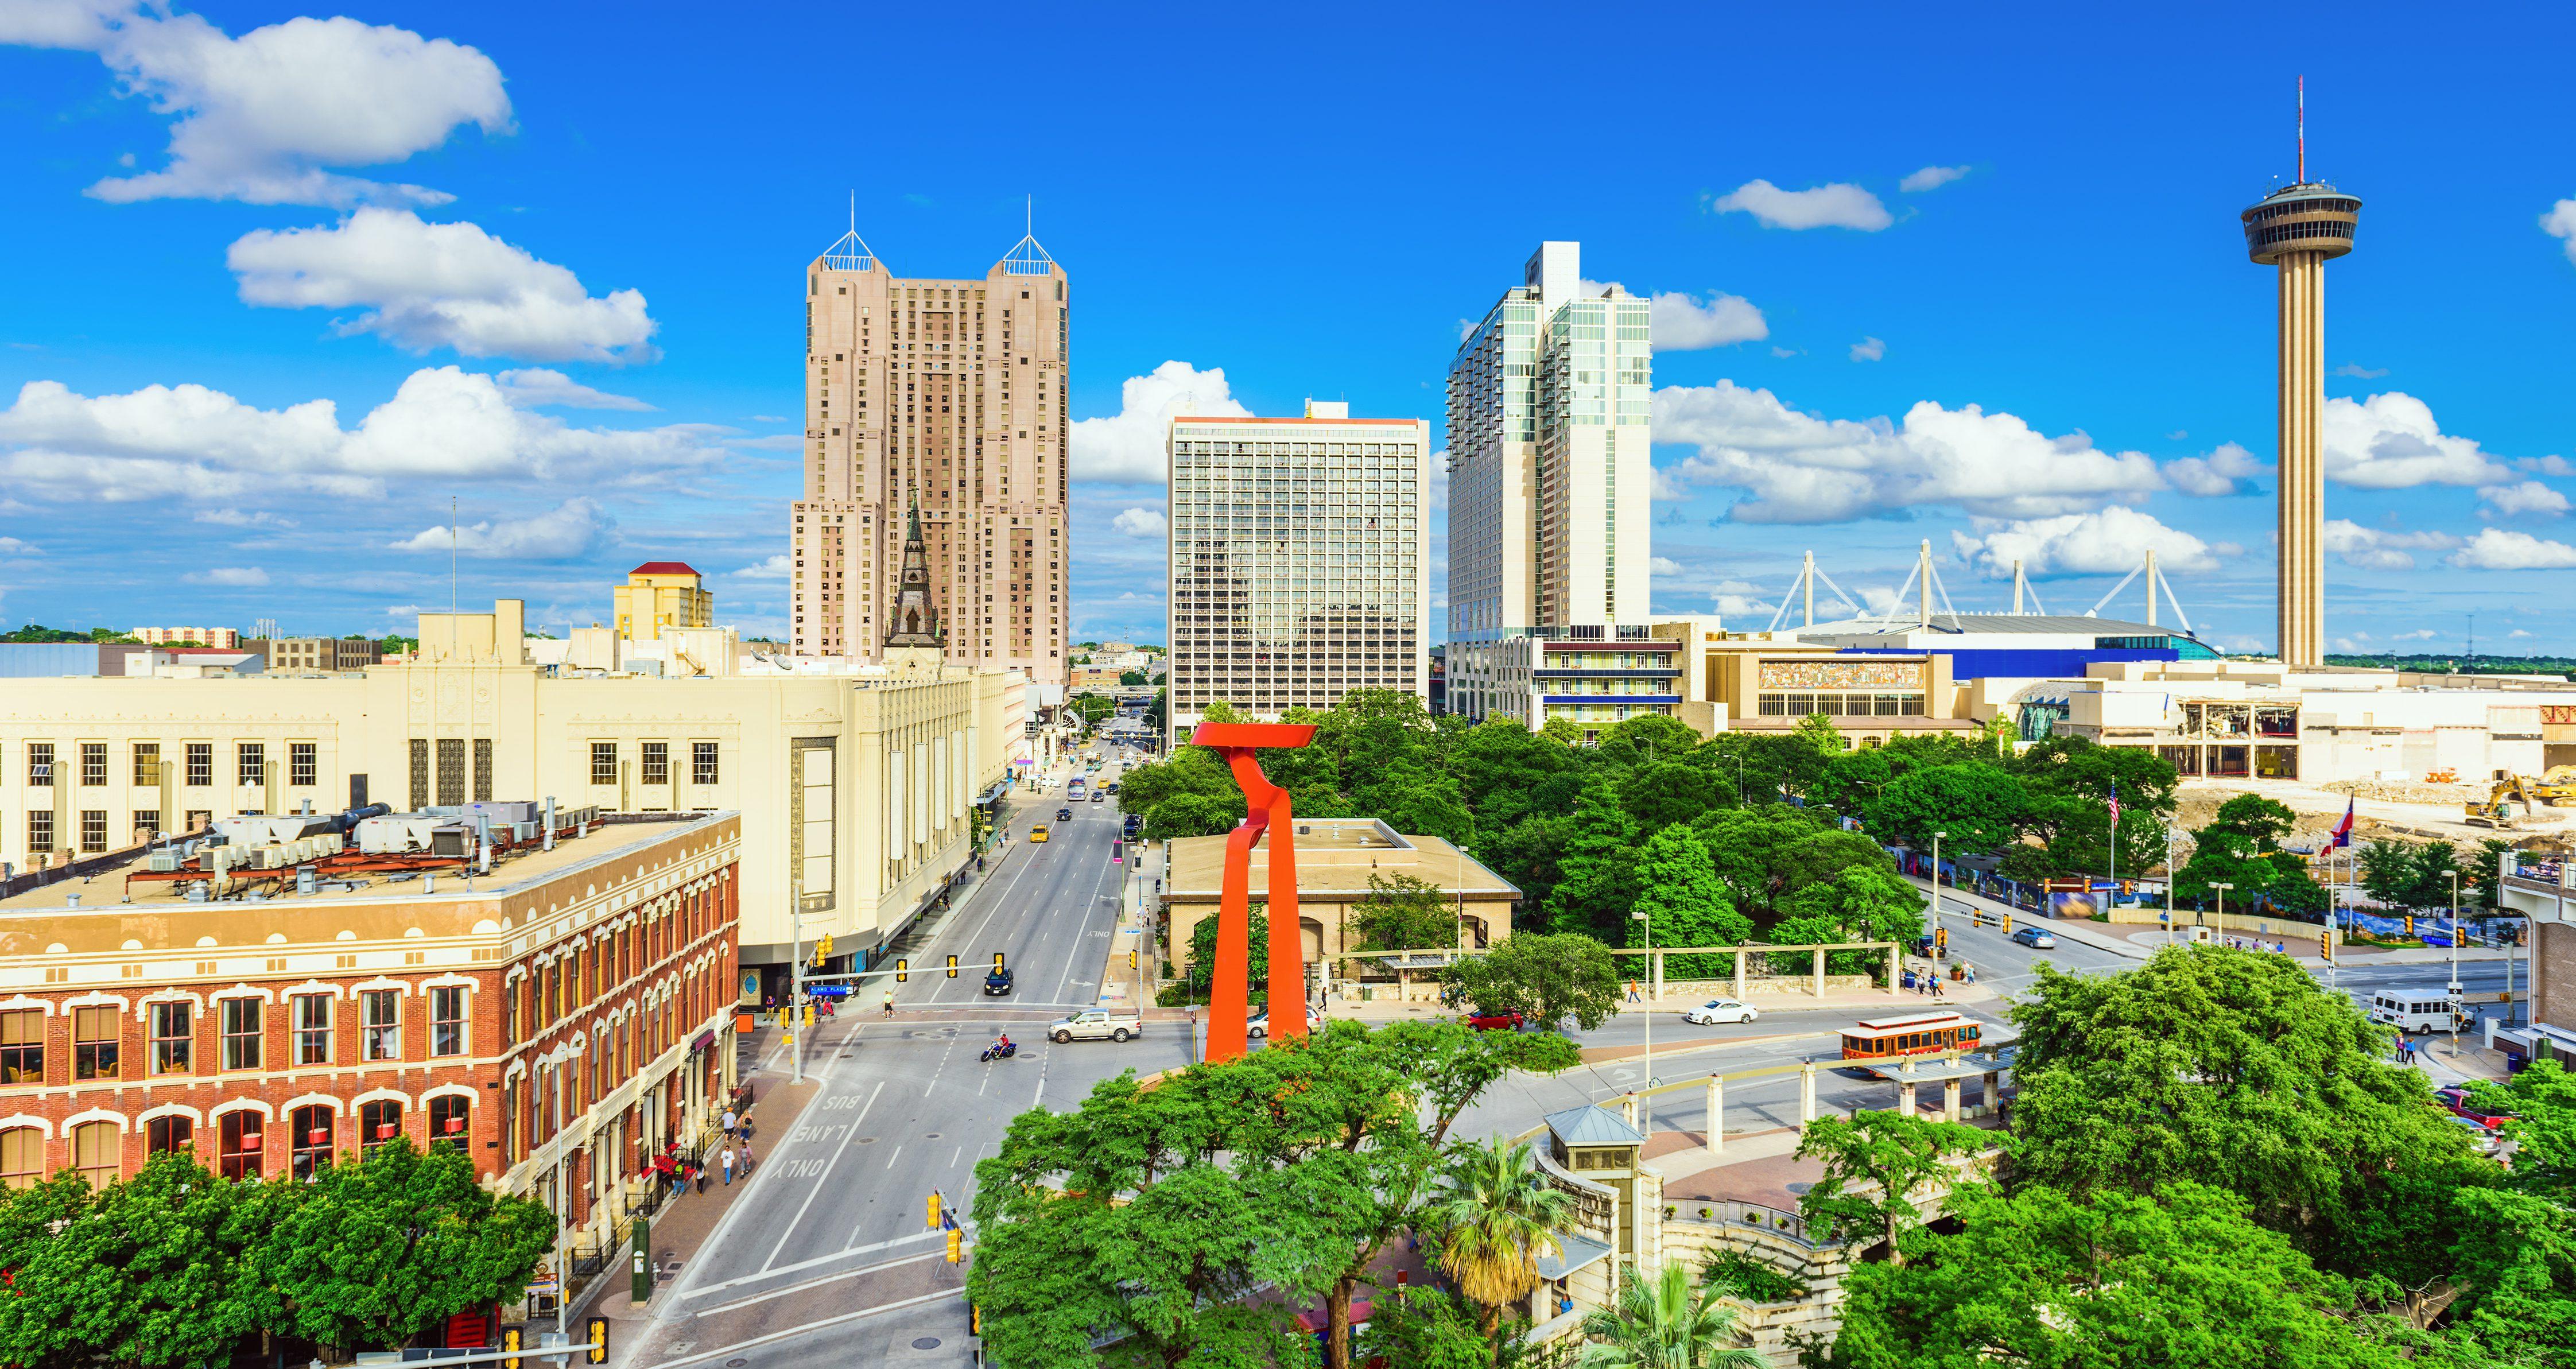 San Antonio Texas Sister Cities International Sci